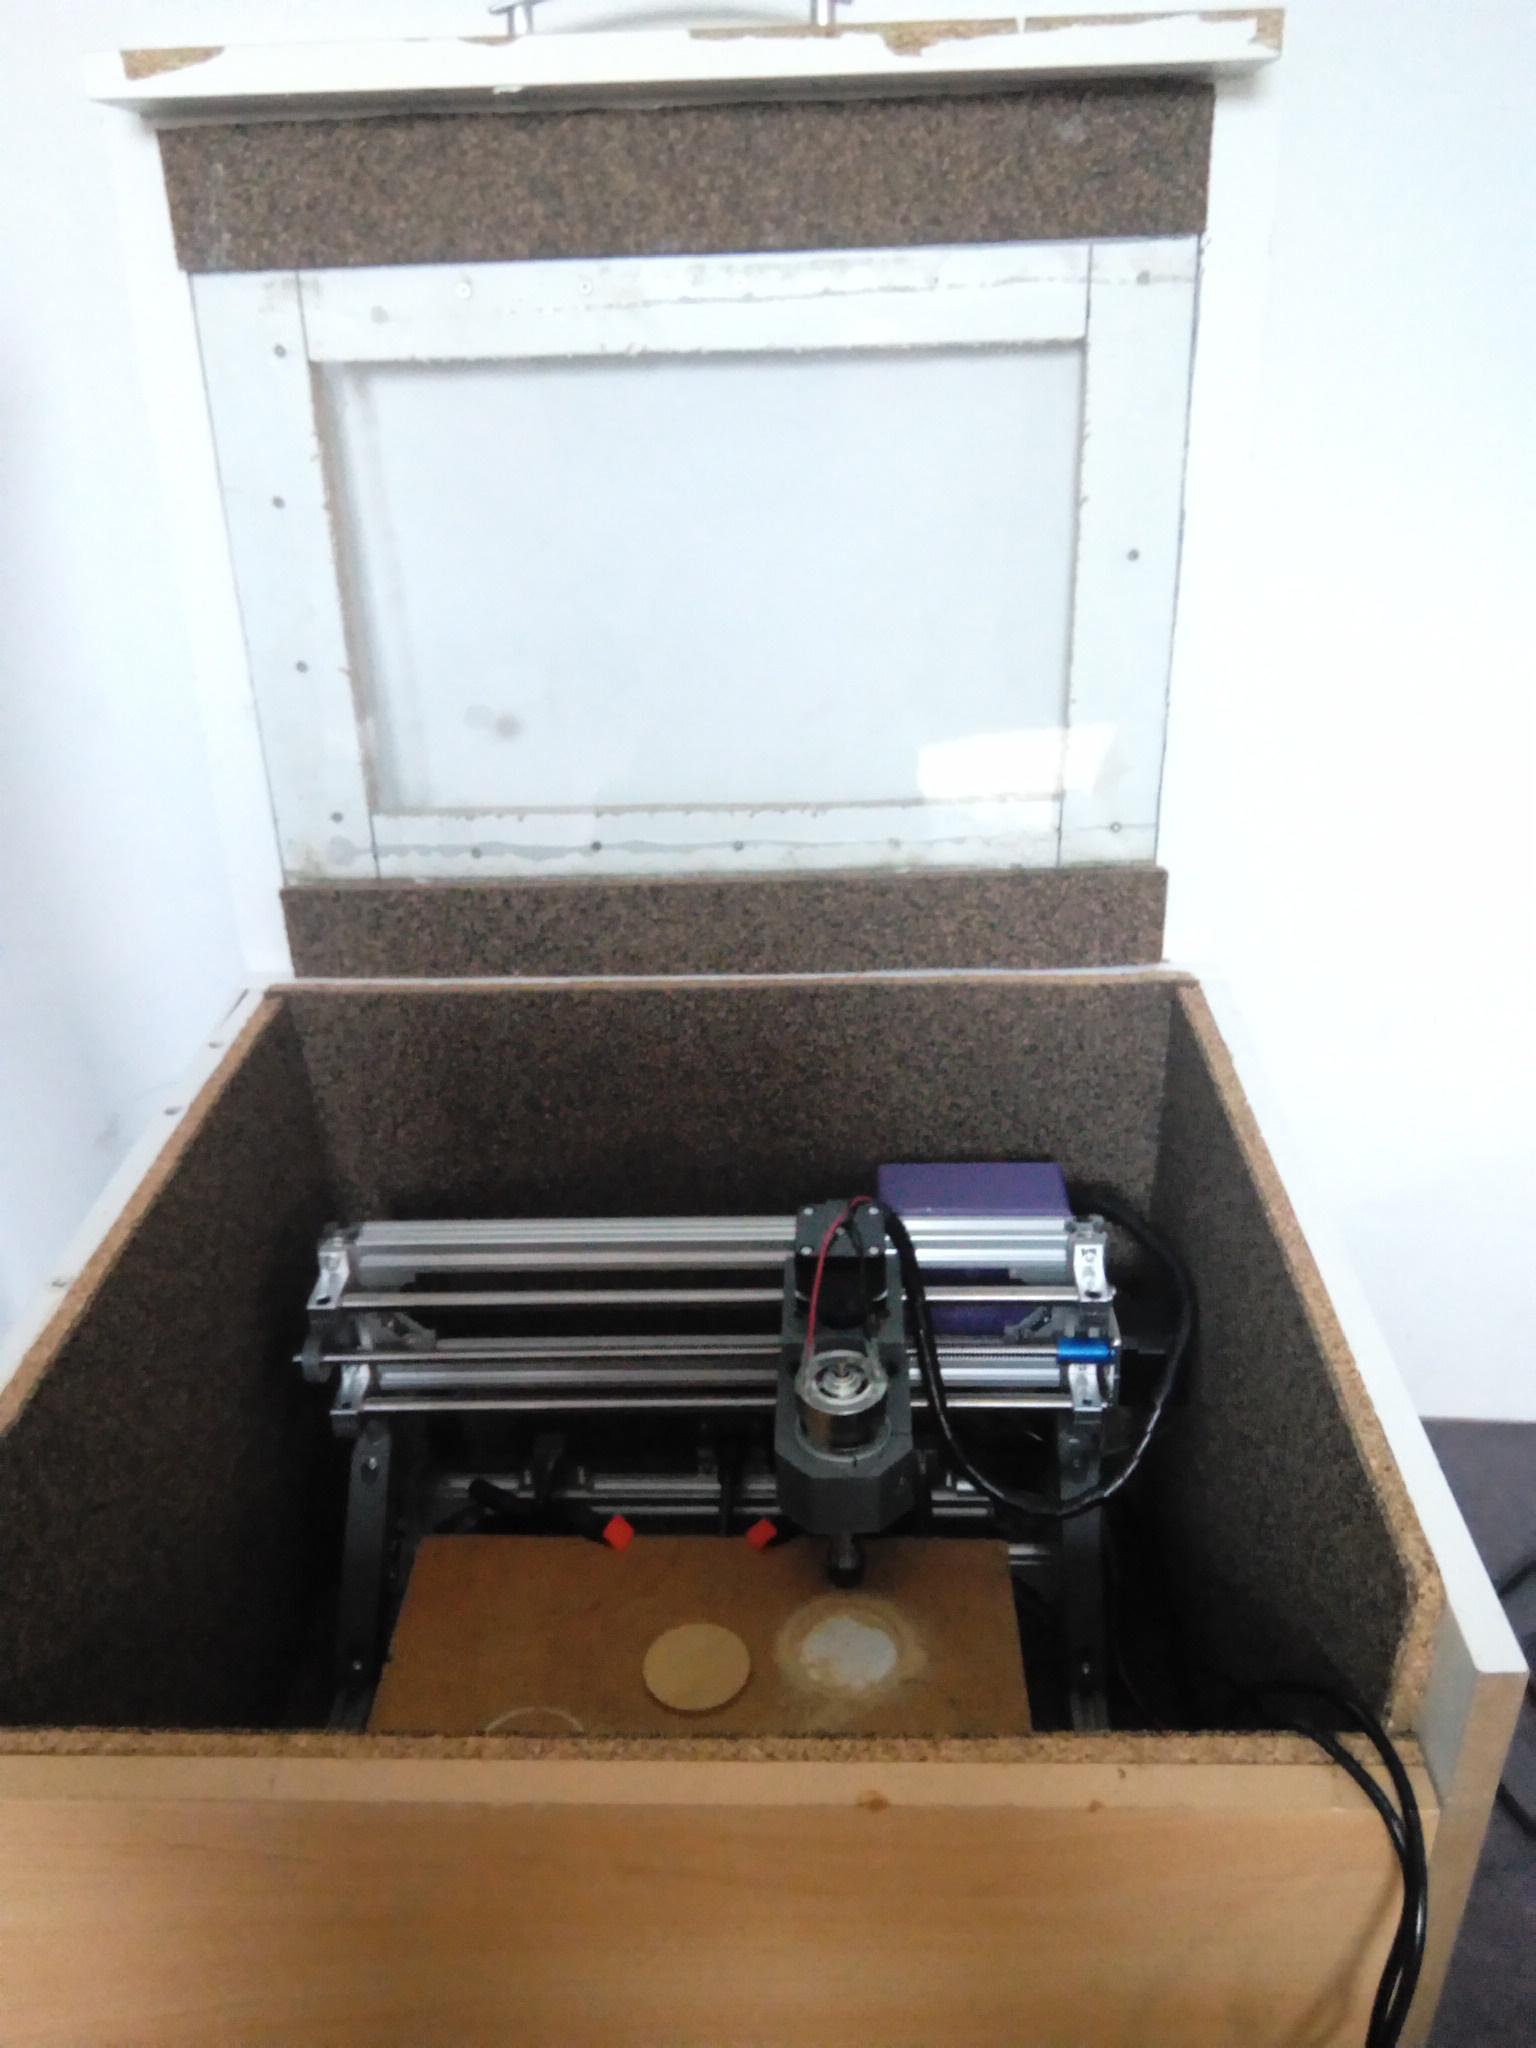 Petite CNC à 150 euros Cnc_bo11